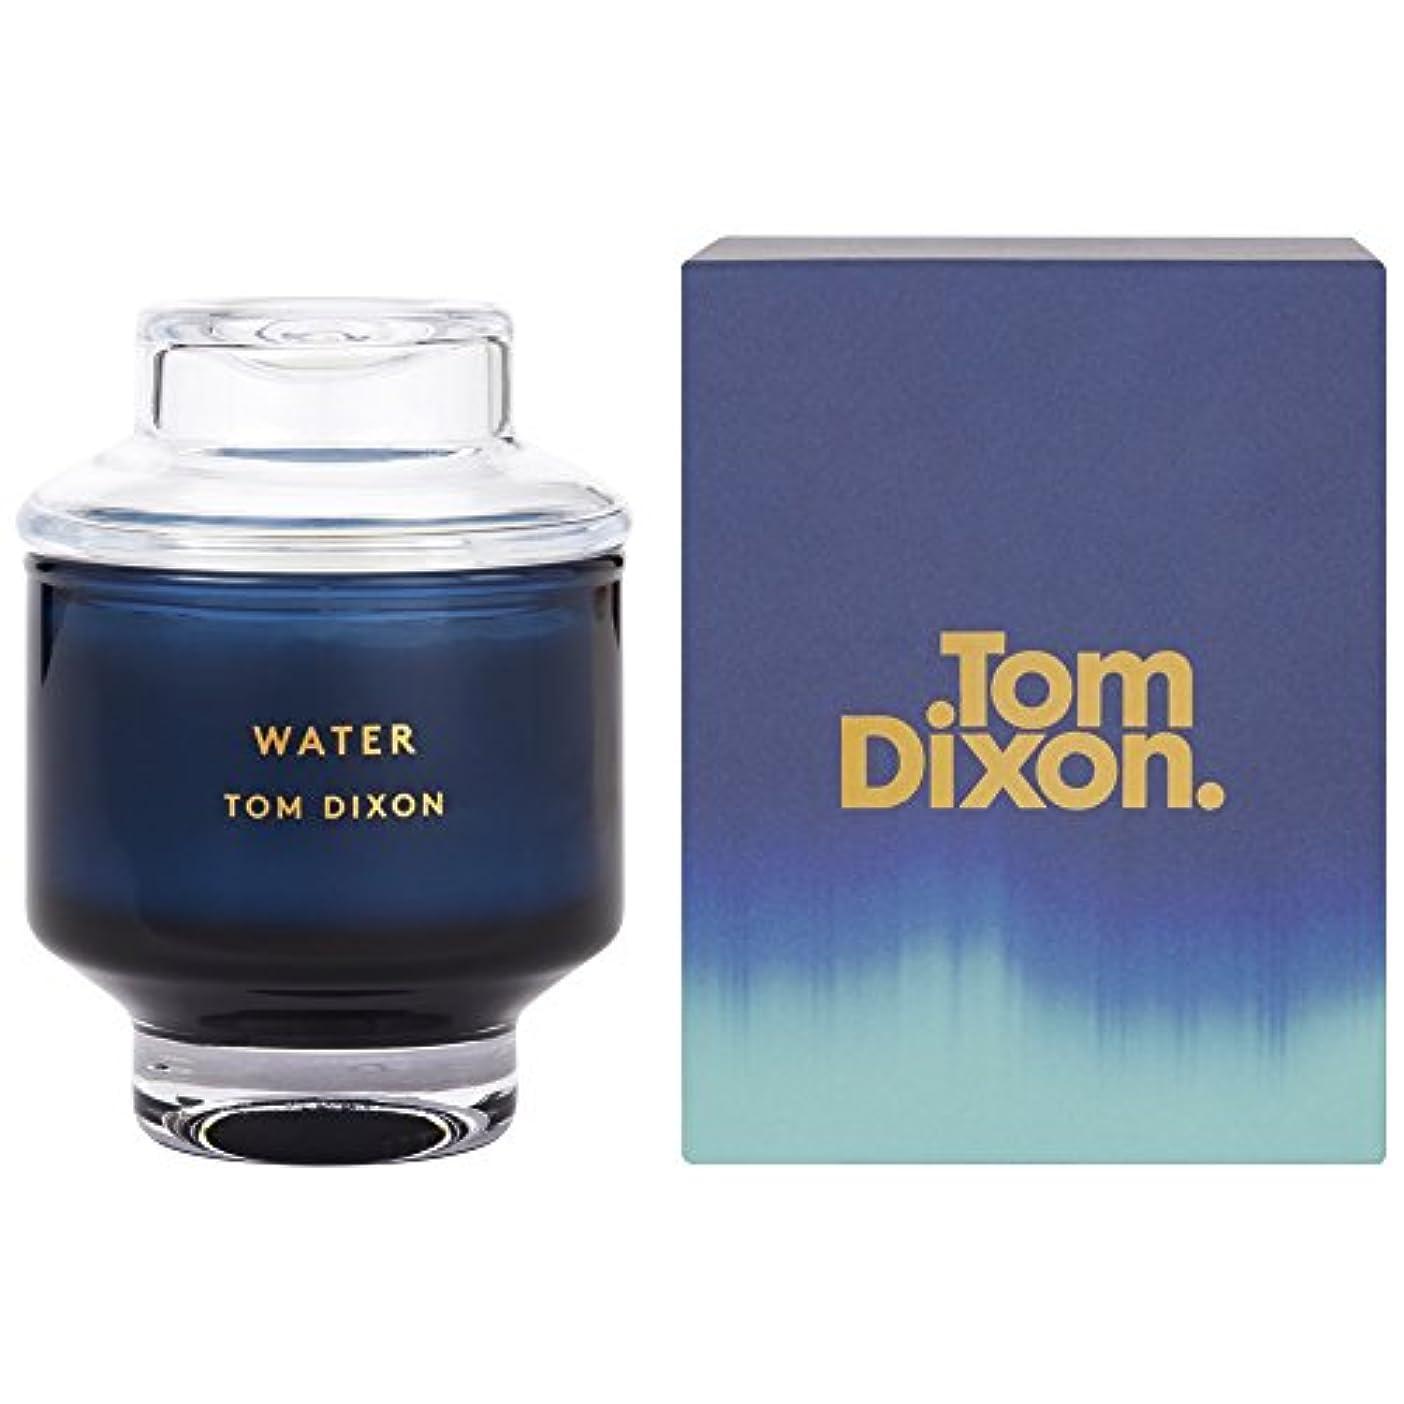 首尾一貫した高揚した脚本家Tom Dixon Water Scented Candle Medium (Pack of 2) - トム?ディクソン水の香りのキャンドル媒体 x2 [並行輸入品]